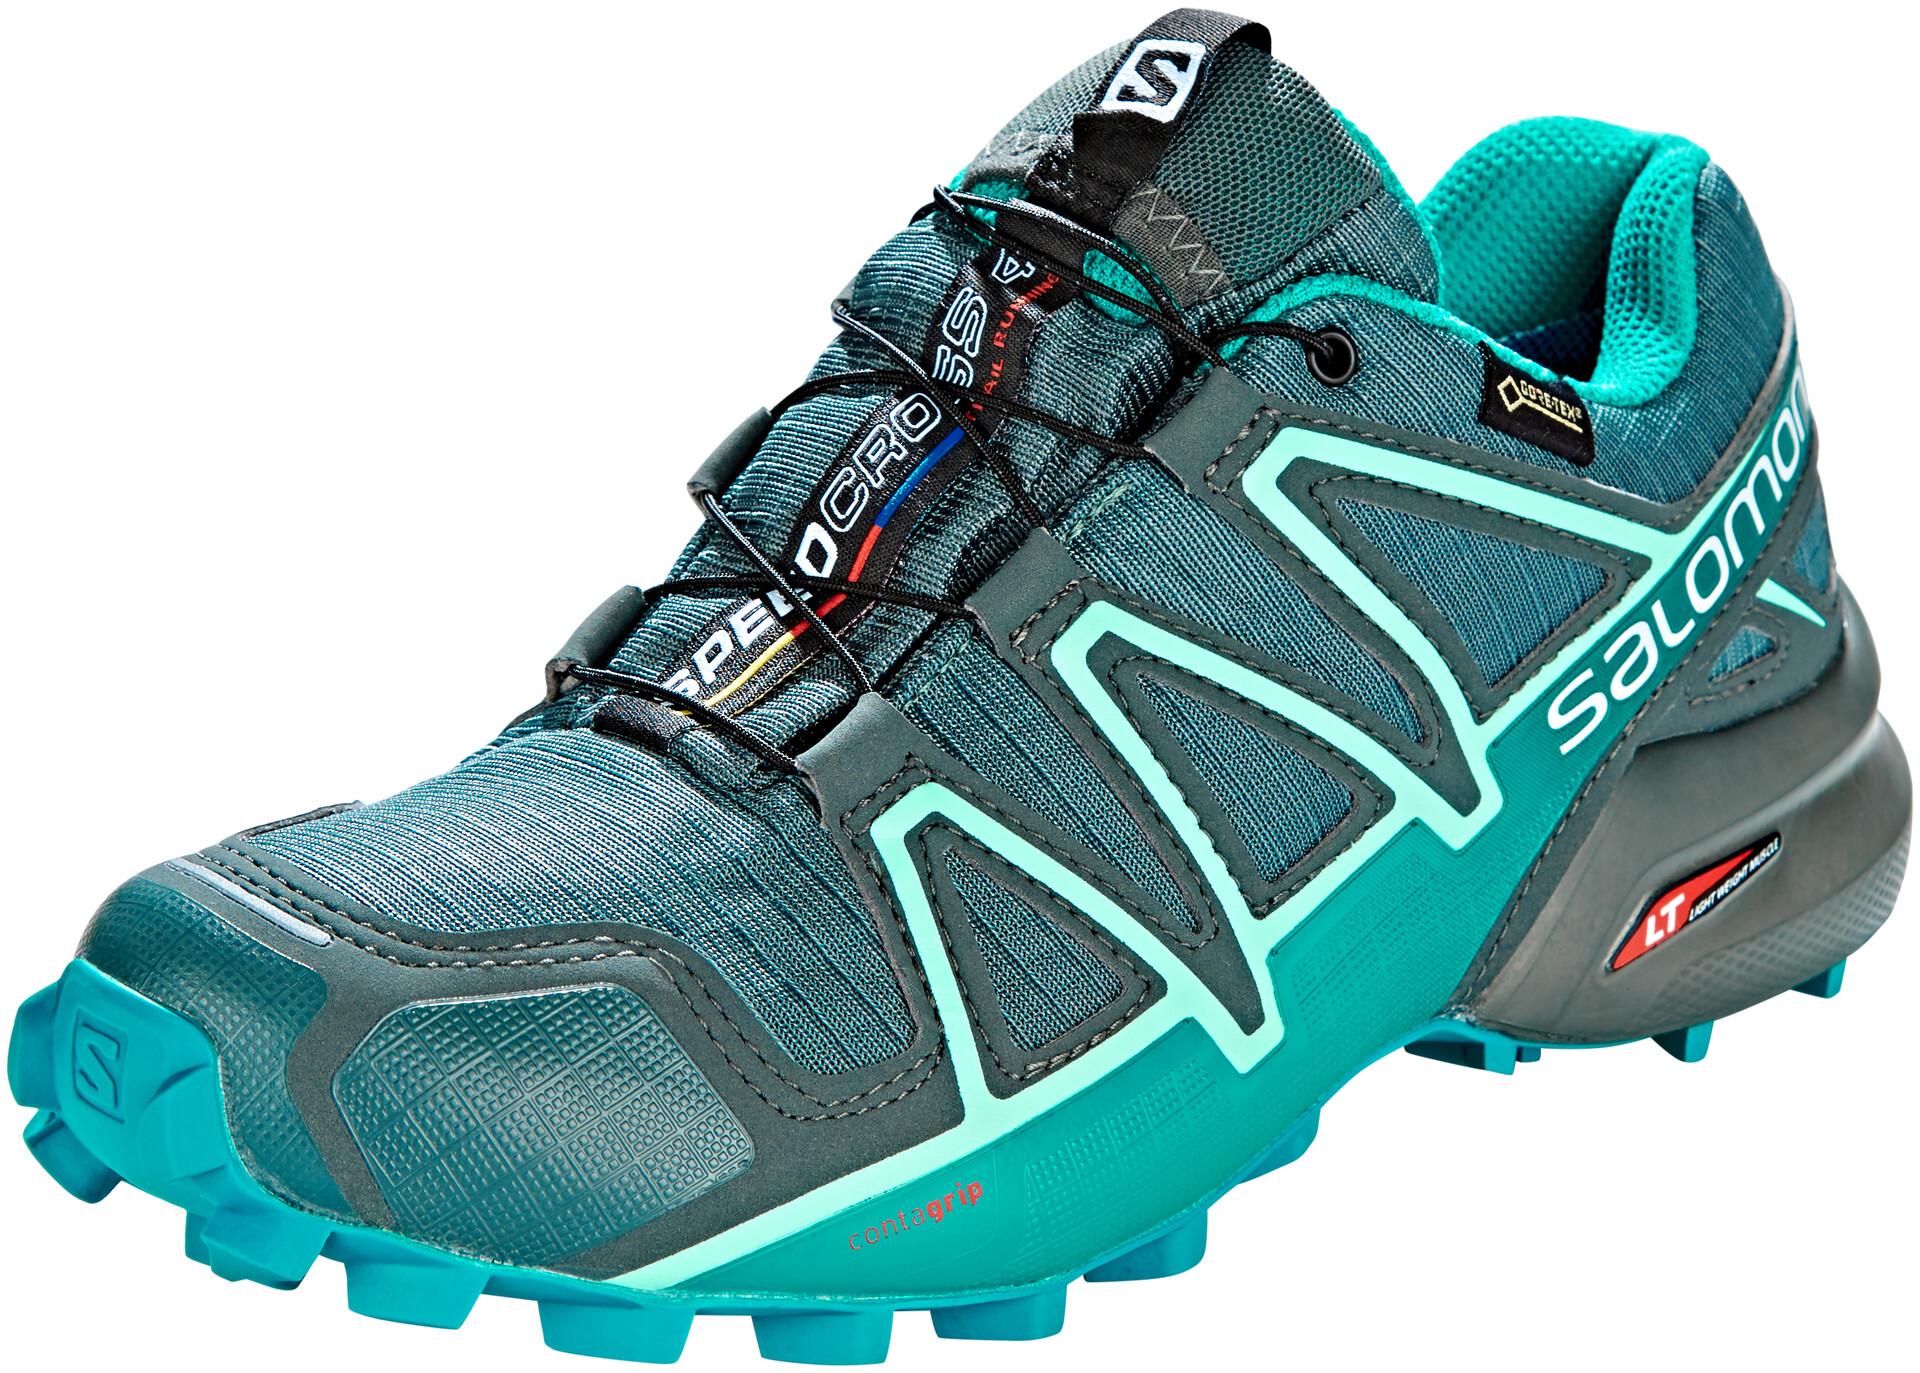 Salomon Damen Schuhe Speedcross 4 GTX Gr 40 Goretex Laufschuhe